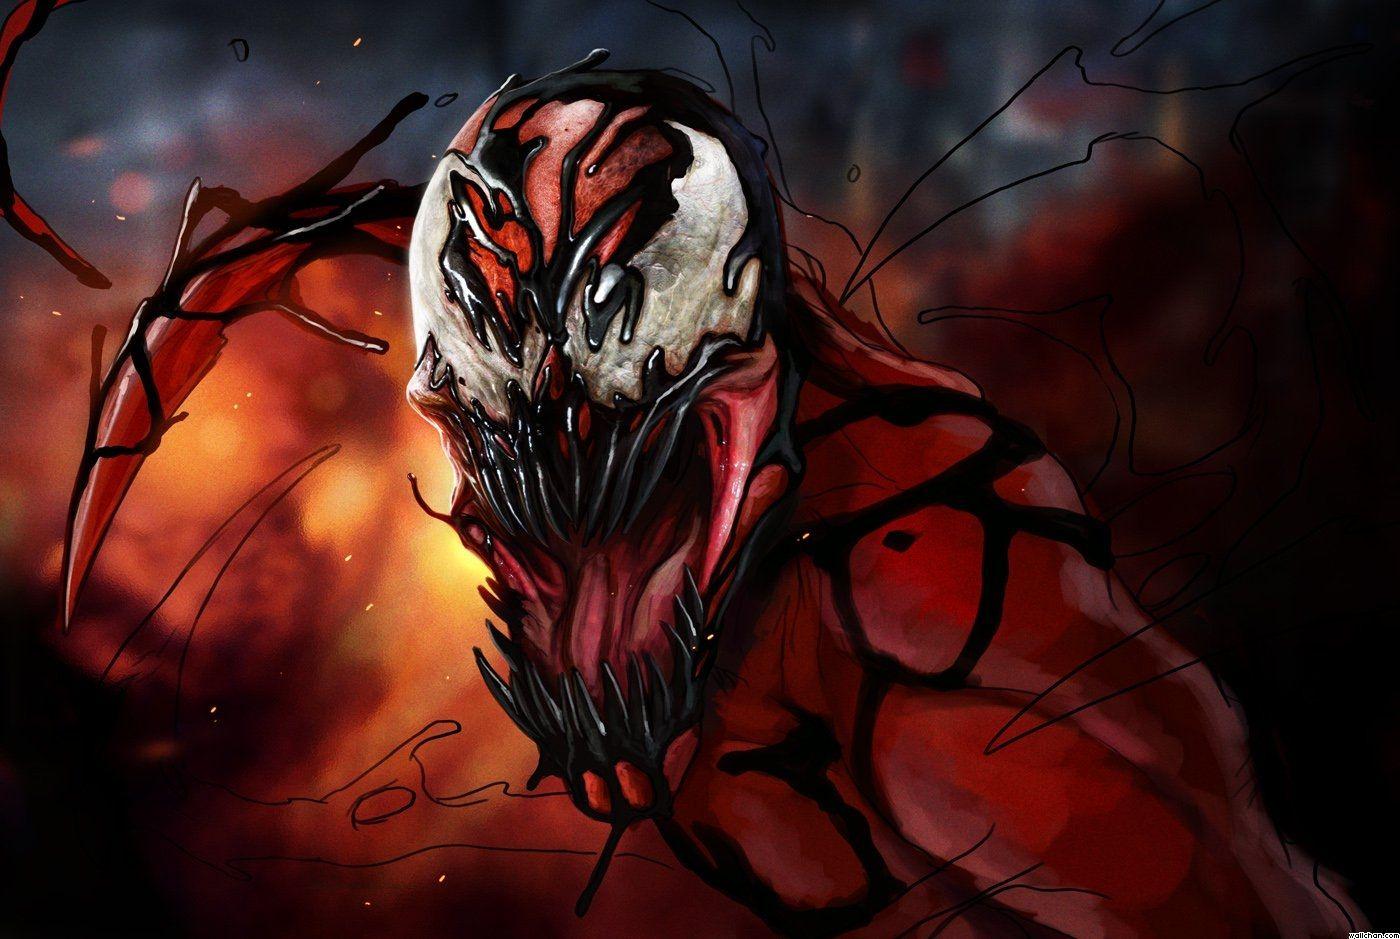 Spiderman Venom Wallpaper Anime Wallpapers Pinterest